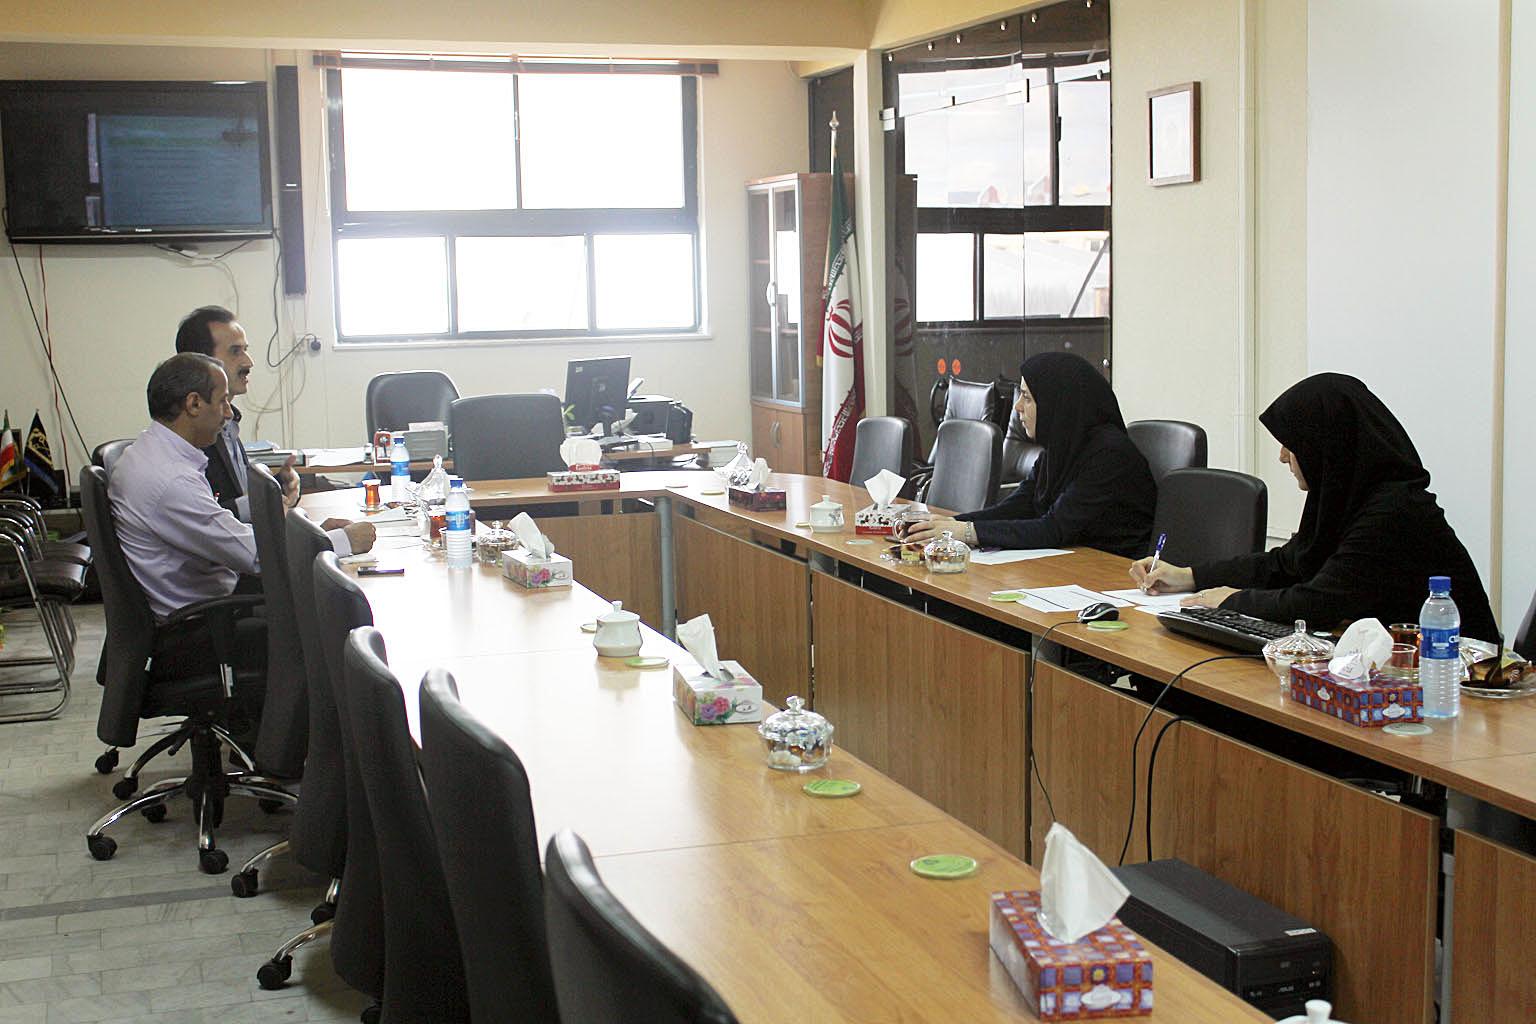 جلسه بررسی و تدوین لایحه تعرفه بهای خدمات سال 1396 مربوط به  سازمان فضای سبز